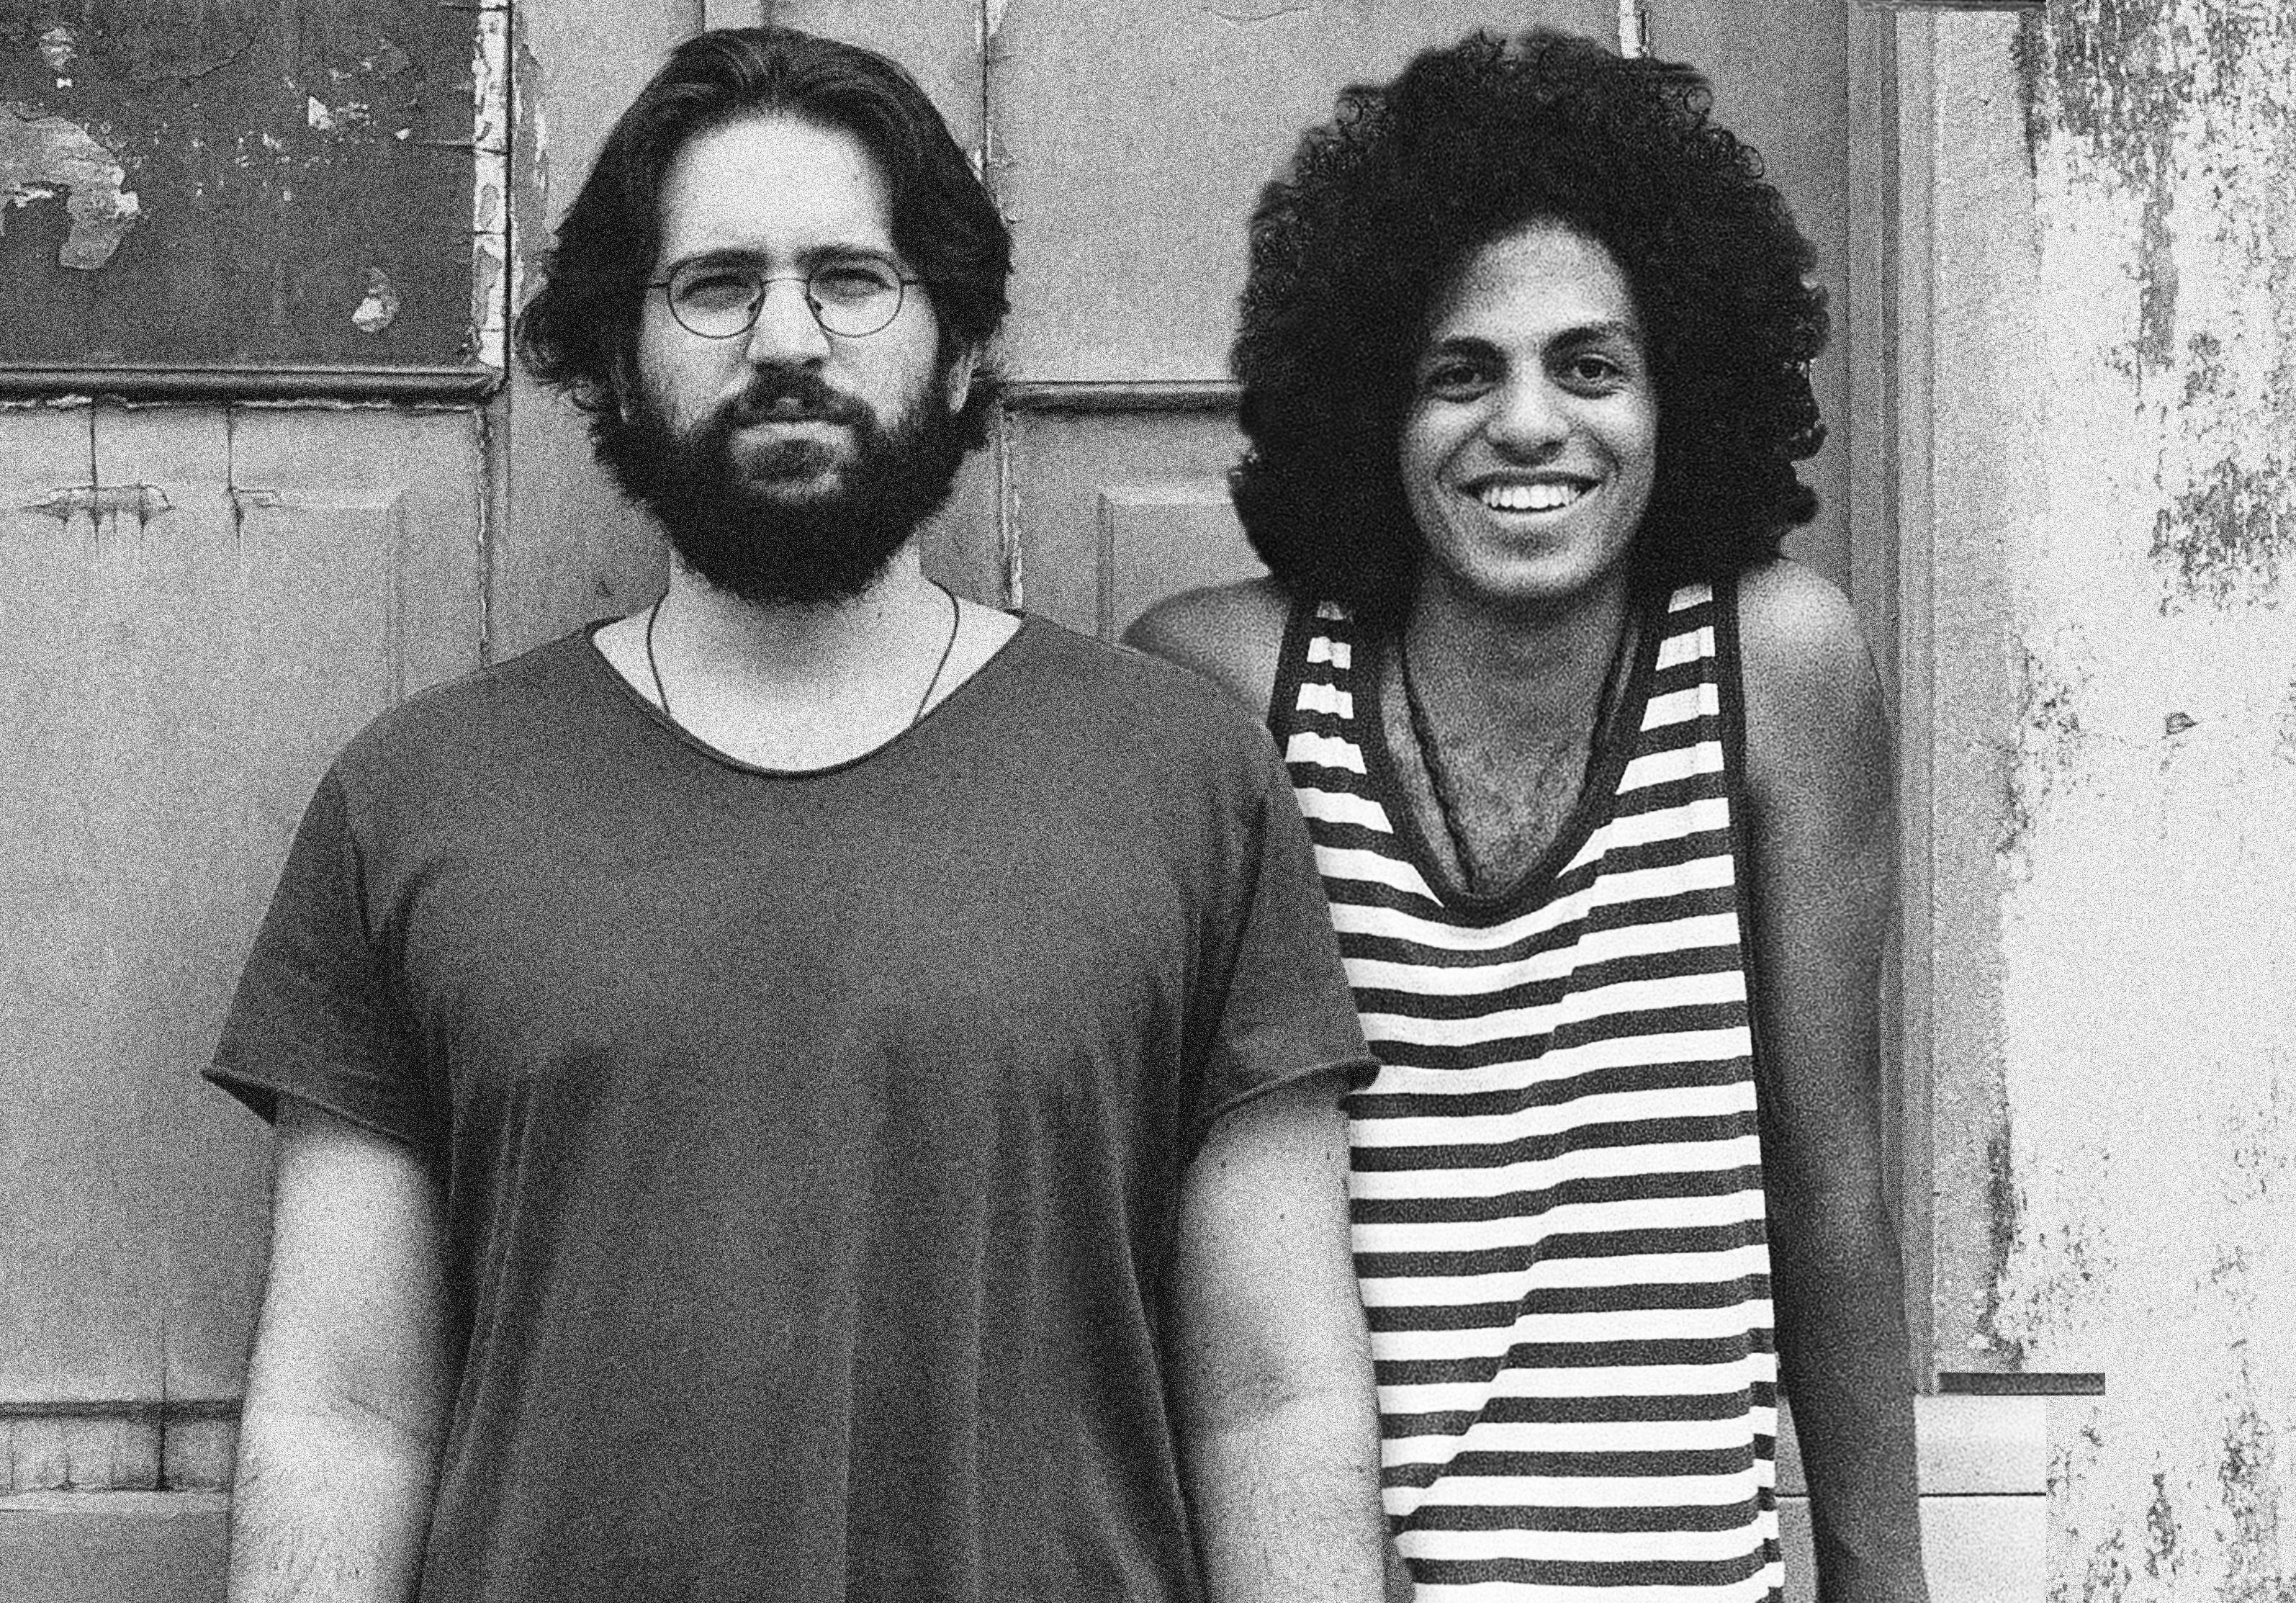 Leo Middea e Rodrigo Miguez lançam seus discos no Rio de Janeiro